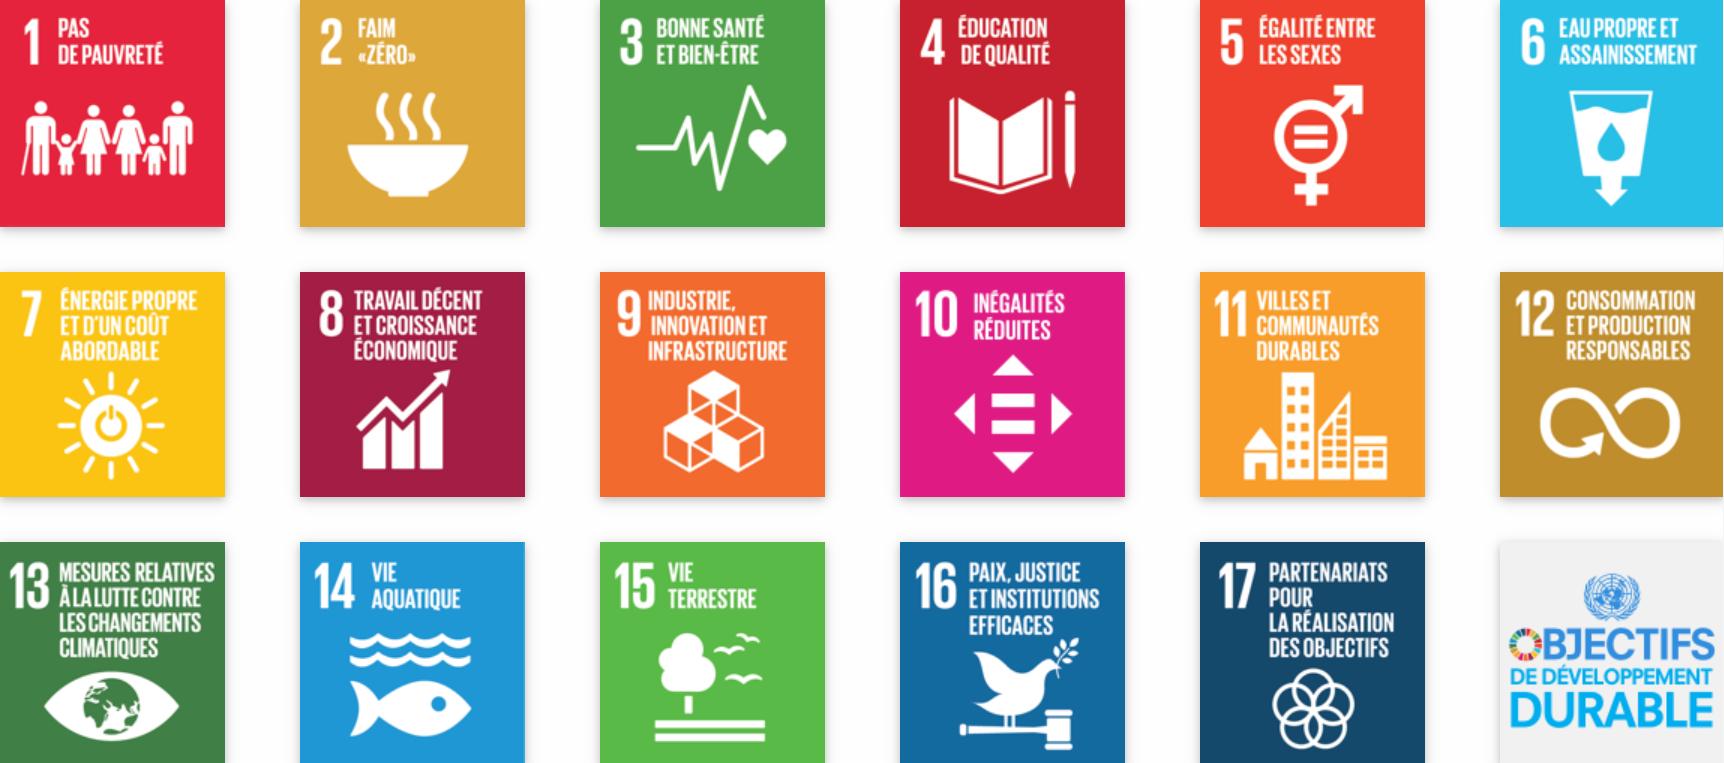 Les Objectifs de développement durable (crédits: ONU)